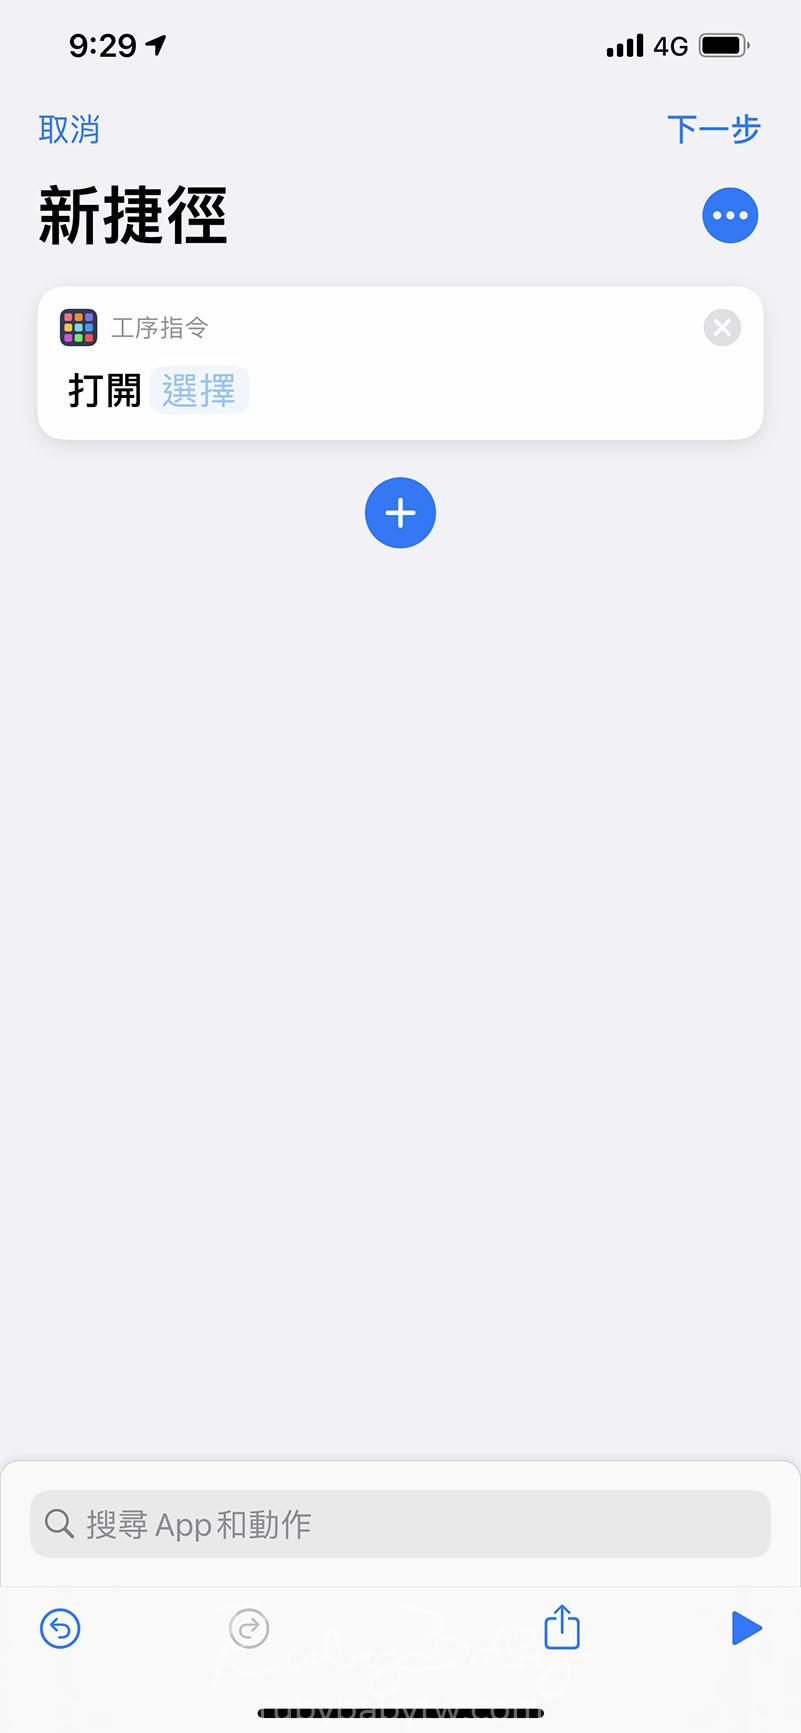 動作 打開app